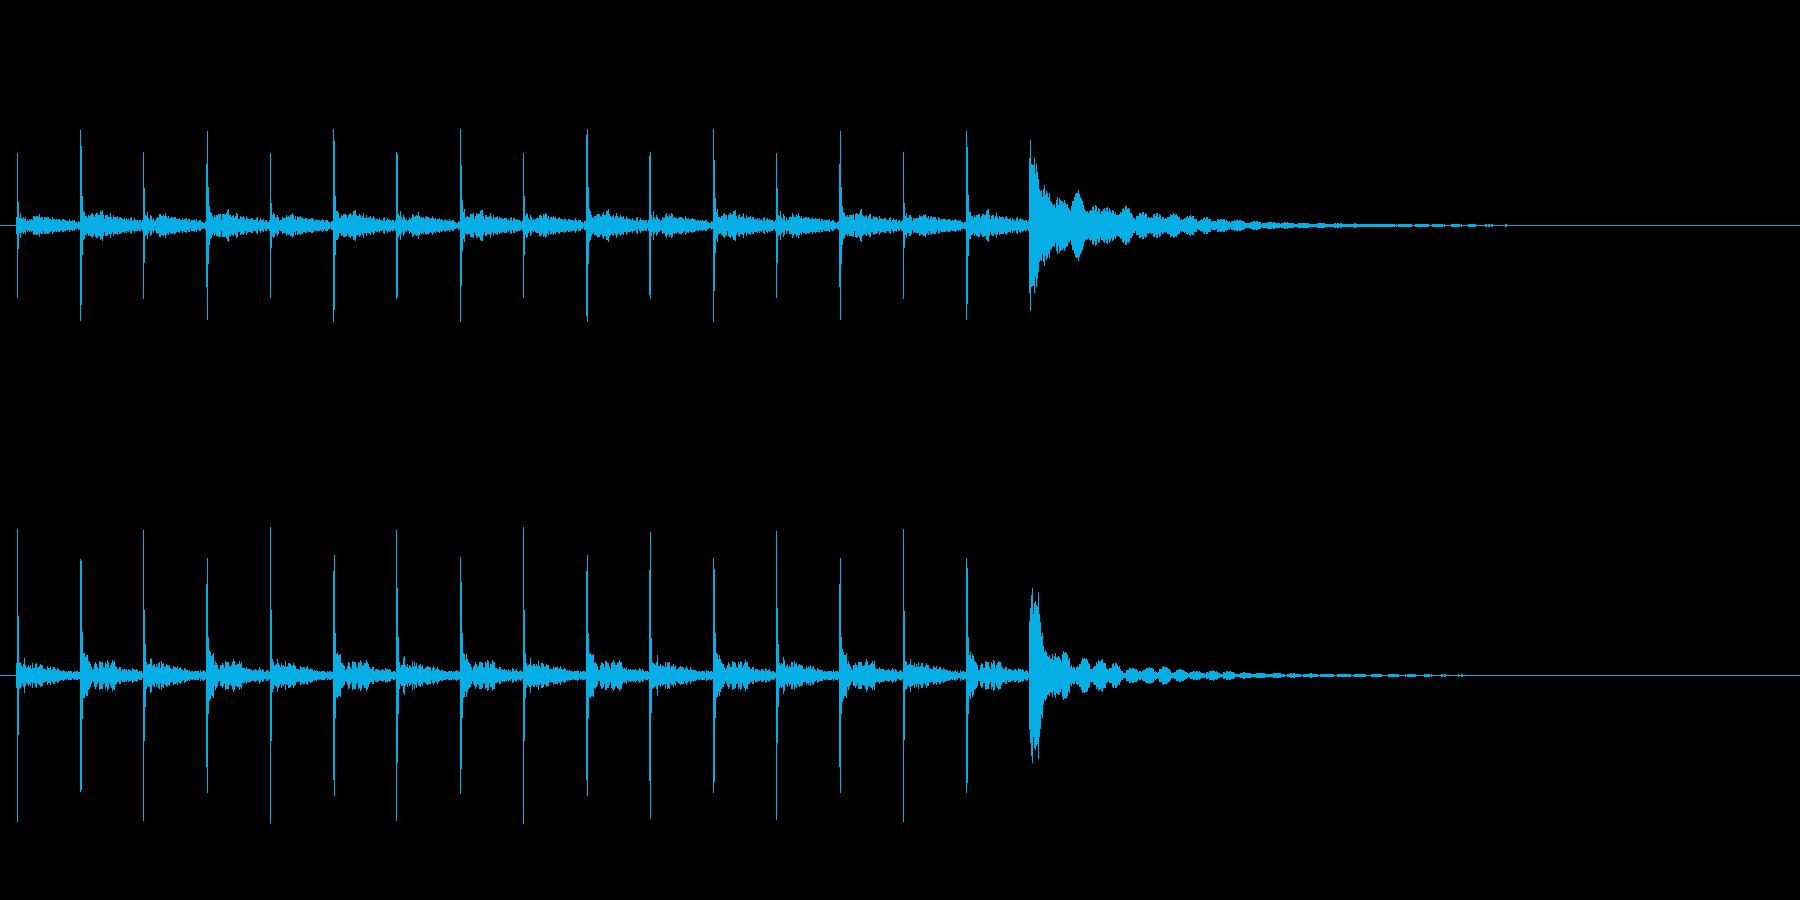 木魚ぽくぽくチーン10秒シンキングタイムの再生済みの波形